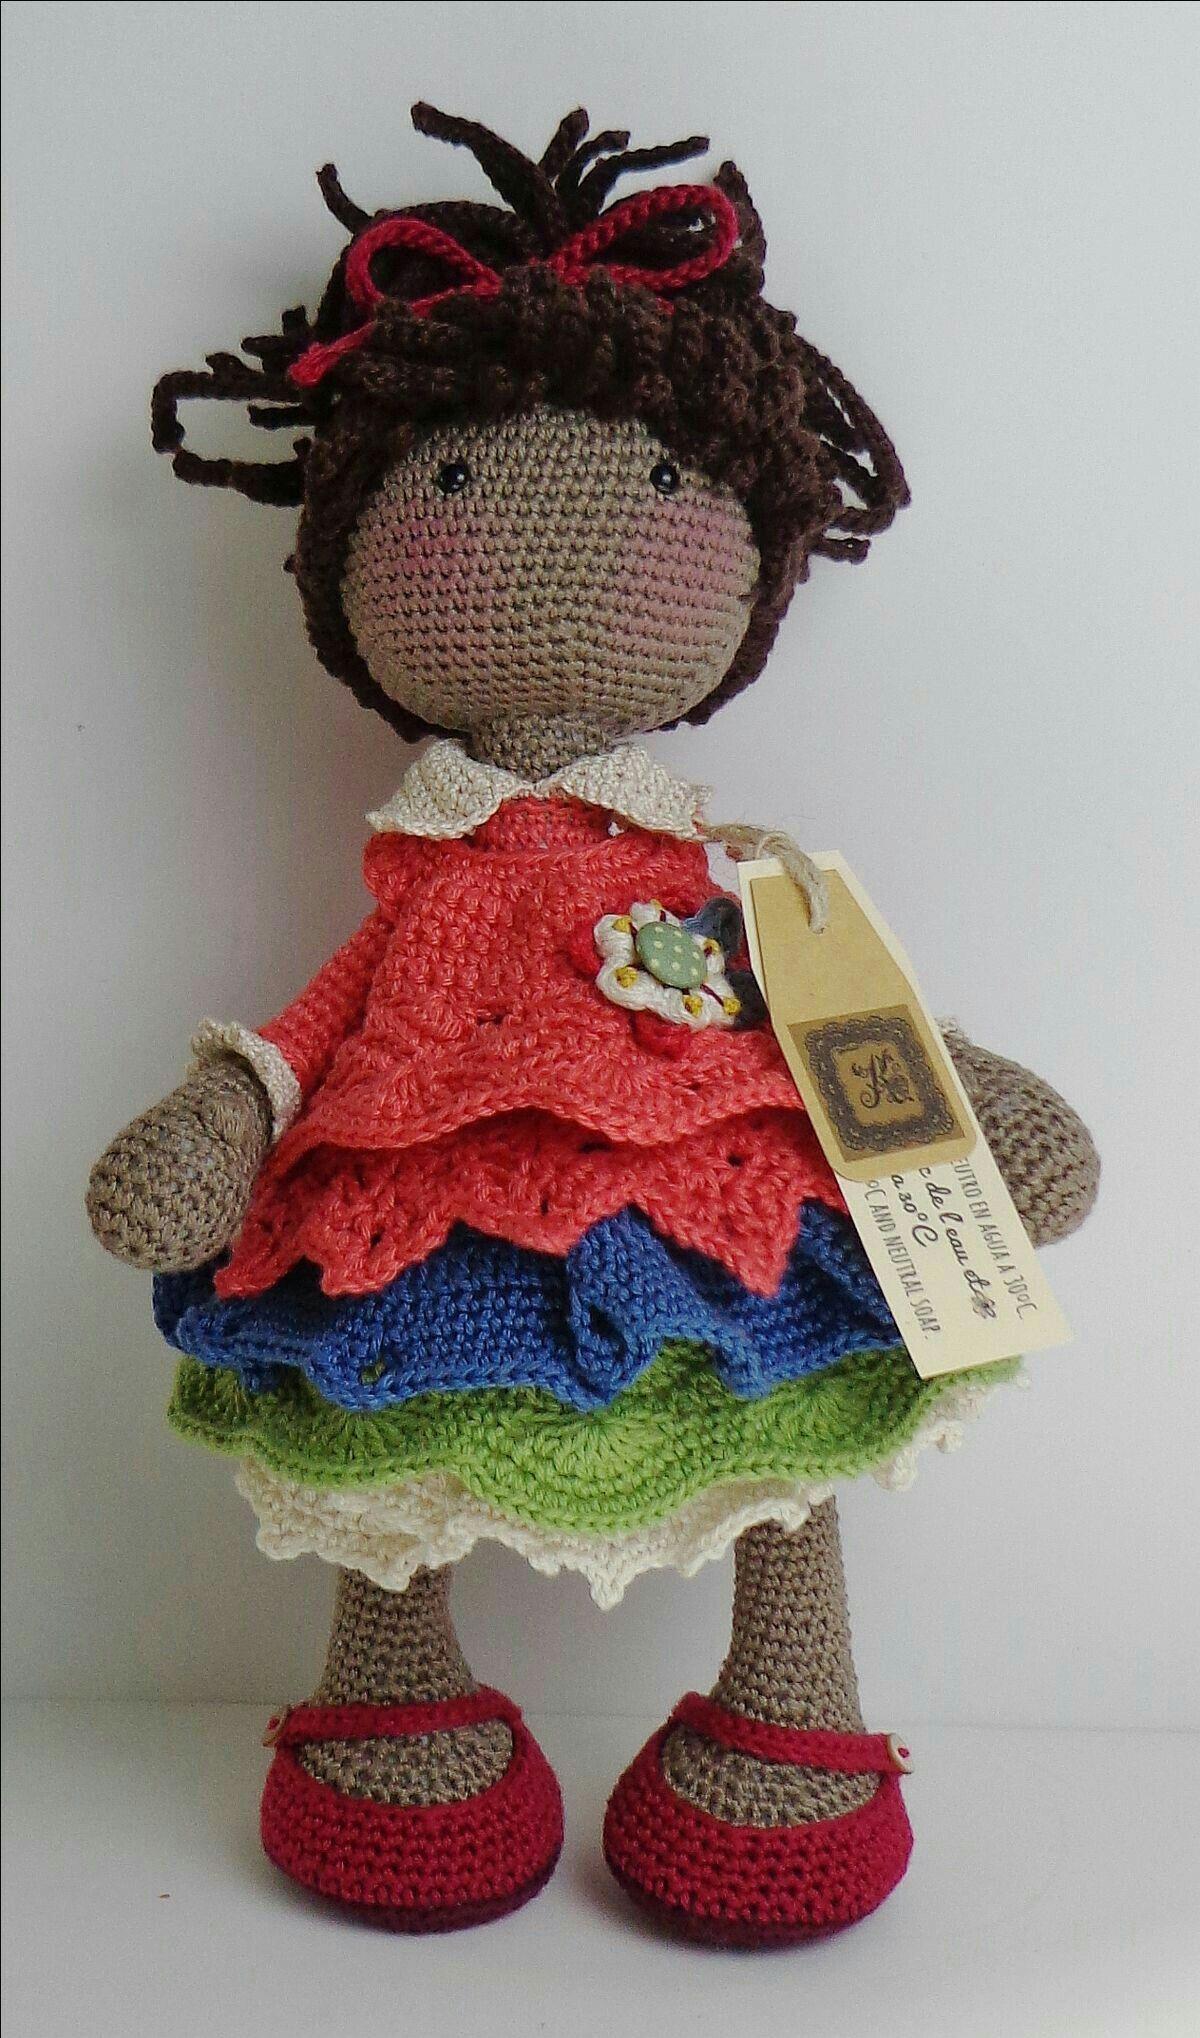 Pin de Pamela Hurlbert en Crocheted dolls | Pinterest | Muñecas ...